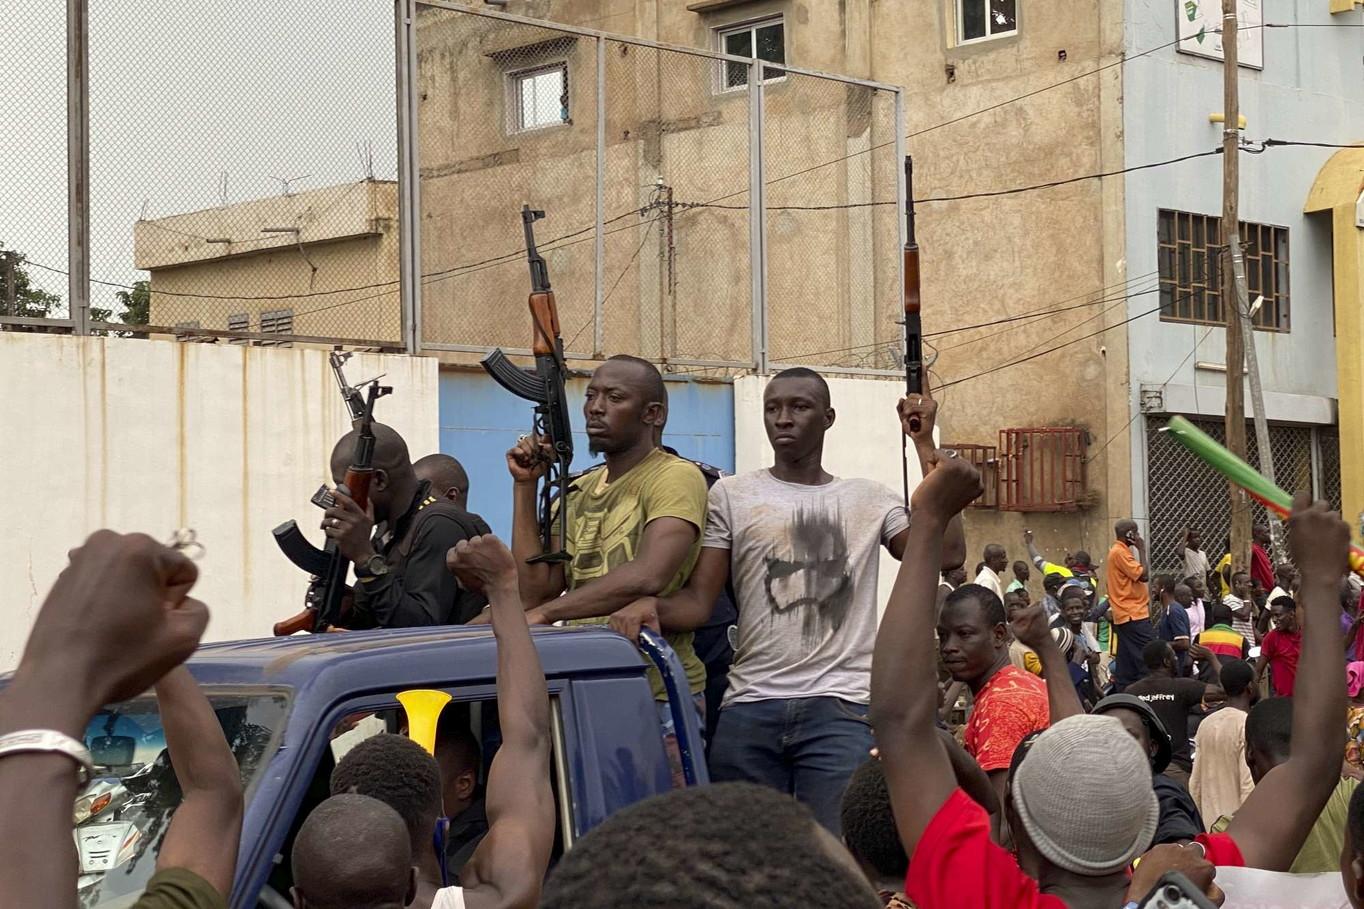 Golpe in Mali, incertezze e condanne internazionali